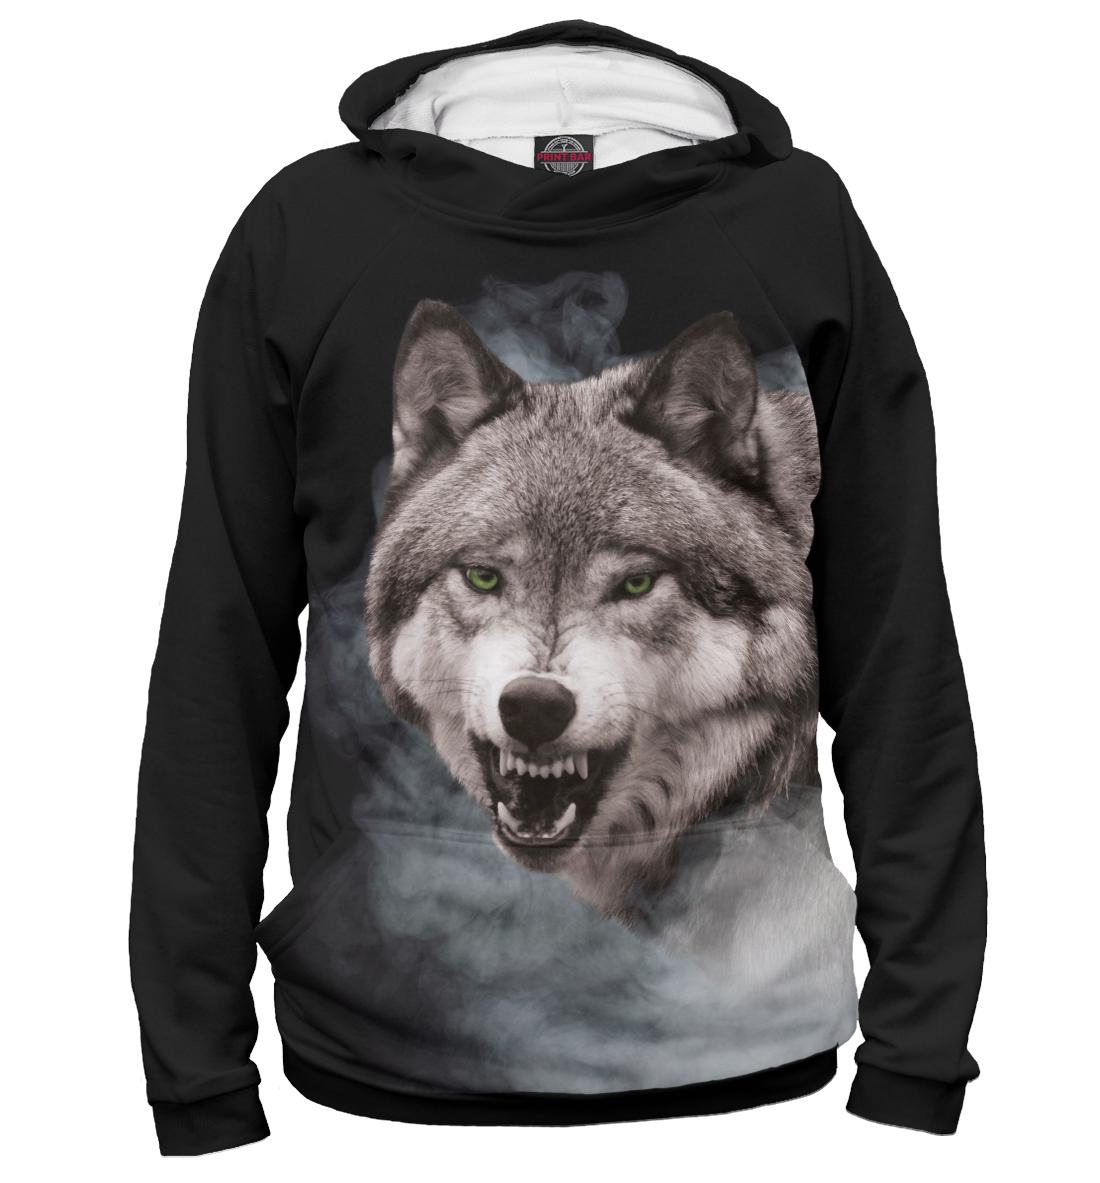 Купить Серый Волк в дымке, Printbar, Худи, VLF-808679-hud-2